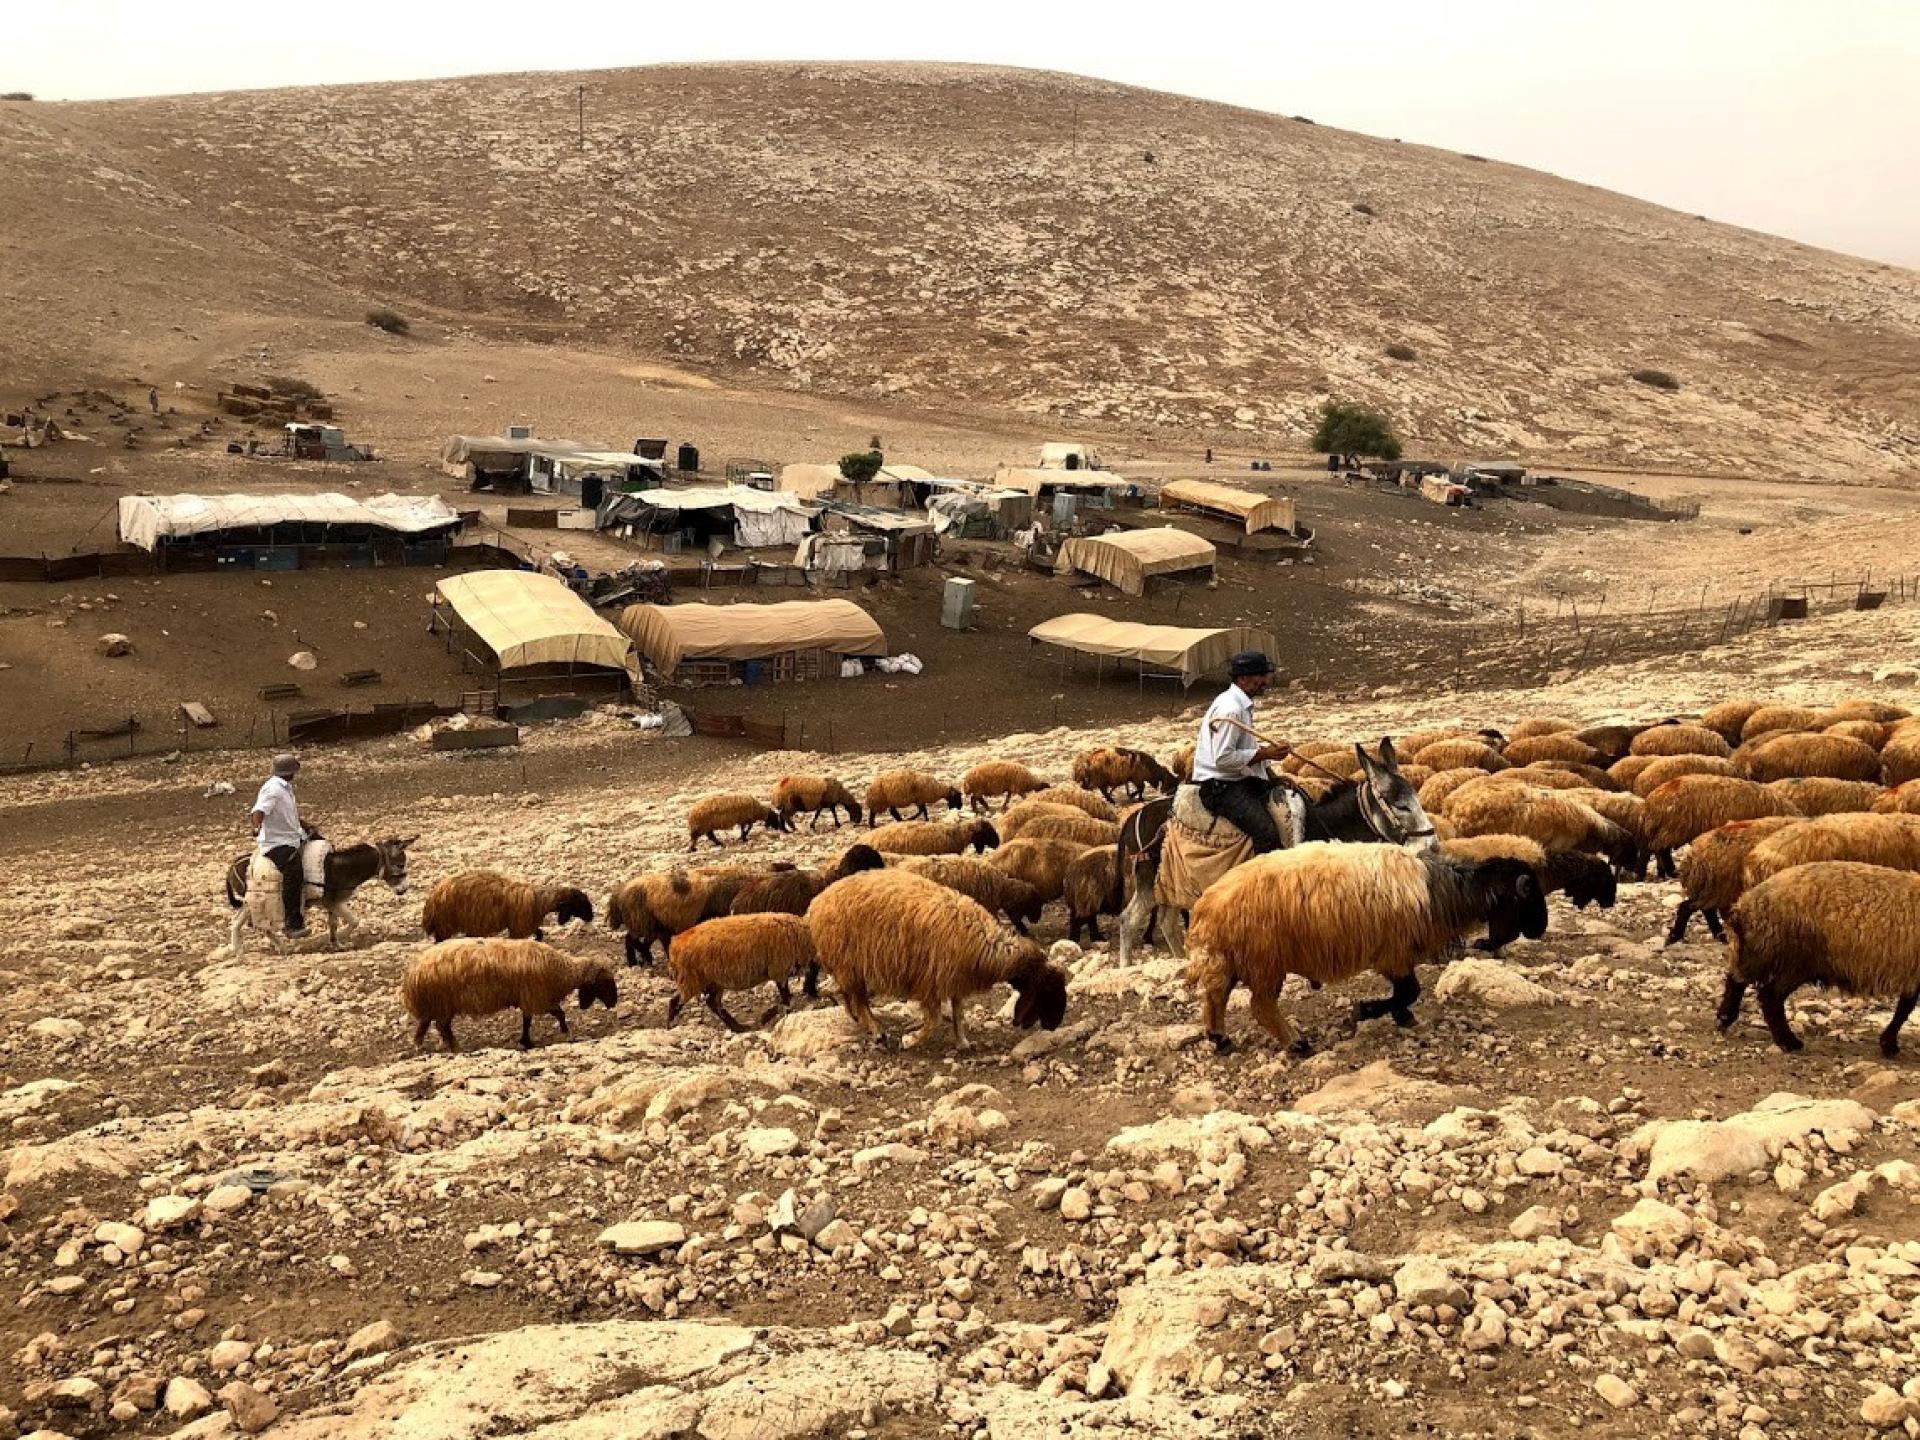 בקעת הירדן: ליווי רועים פלסטינים באזור אום זוקא